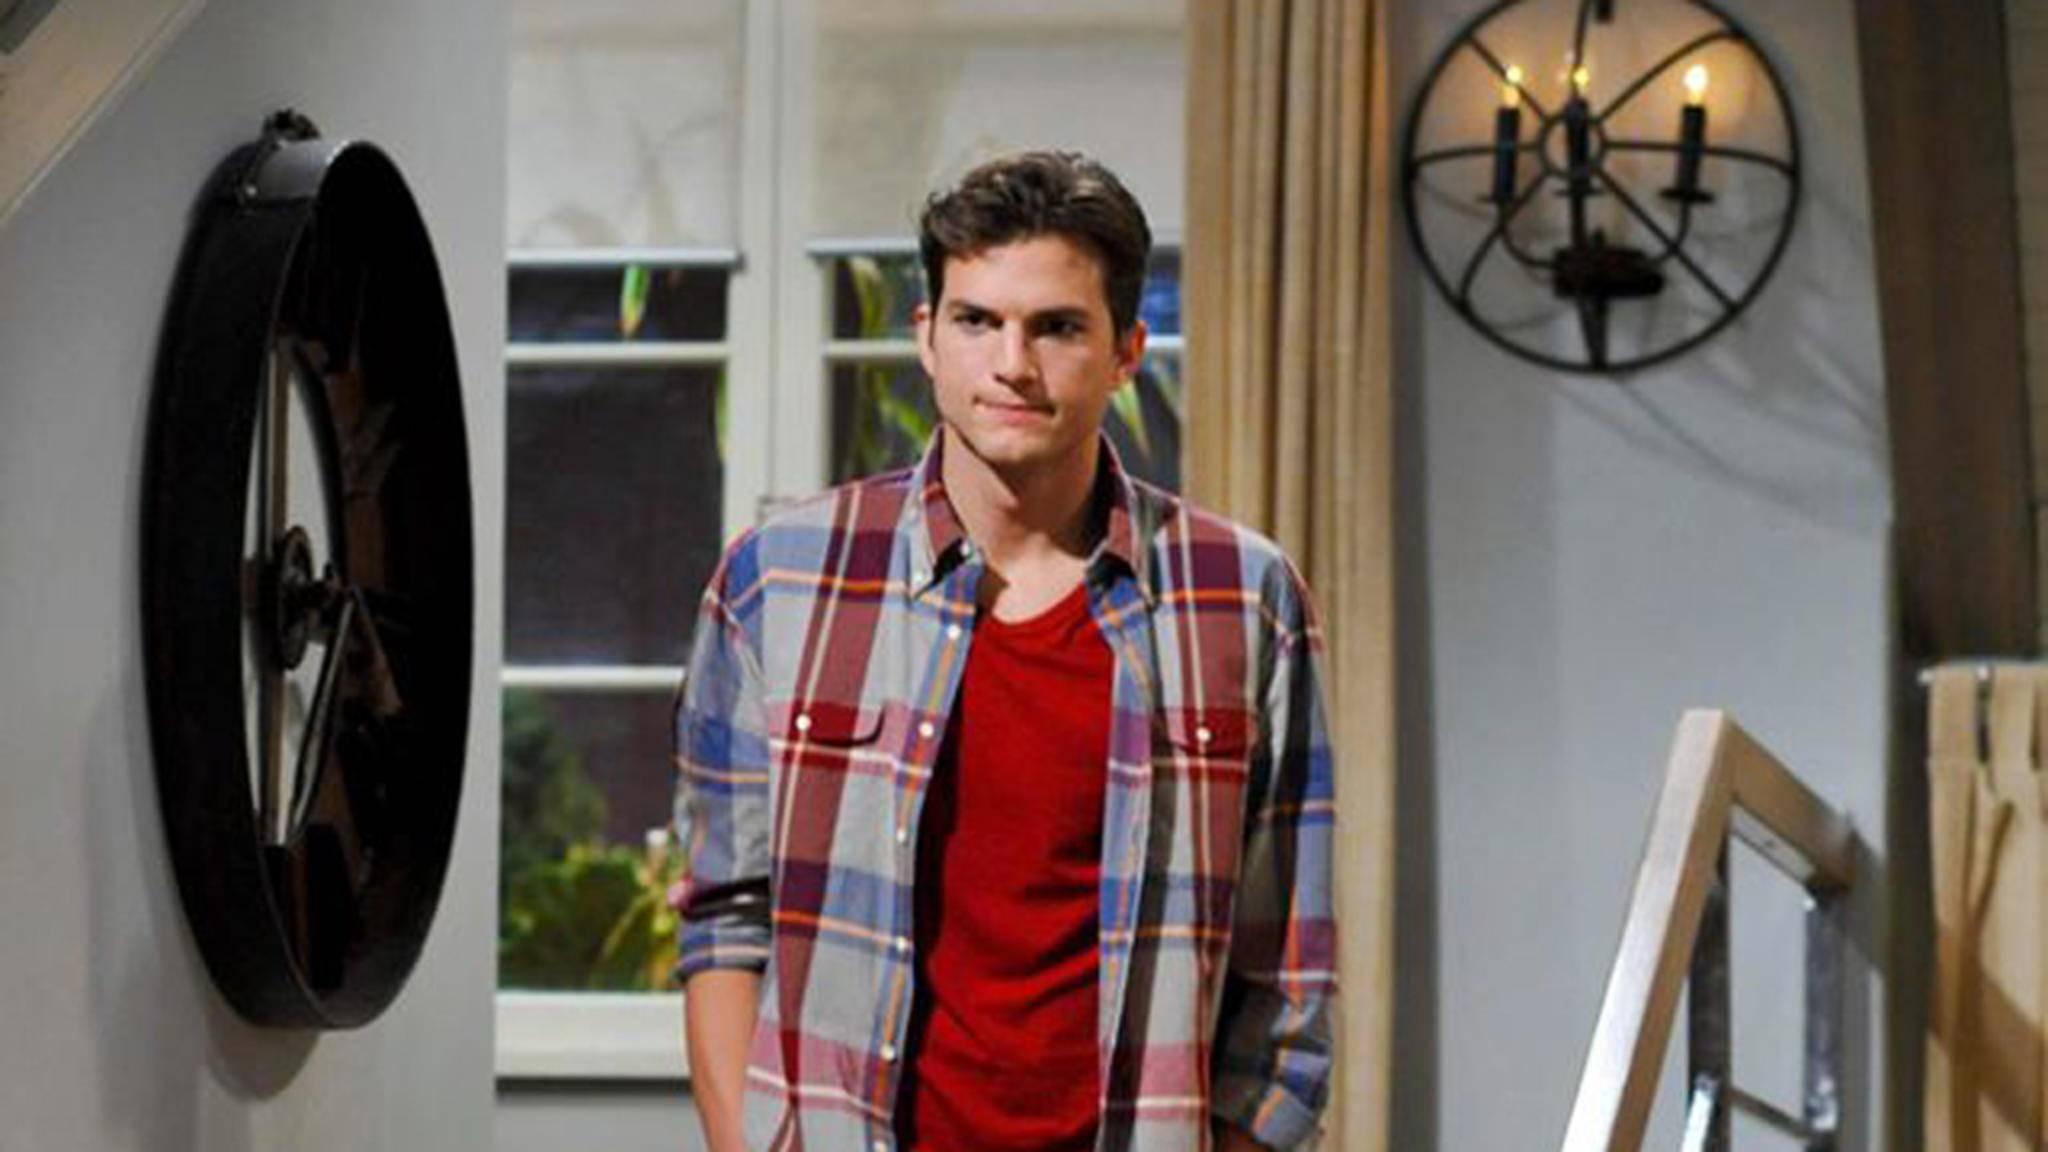 """In der Serie """"Two and a Half Men"""" fliegt die Damenwelt auf """"Supermann"""" Walden (Ashton Kutcher)."""